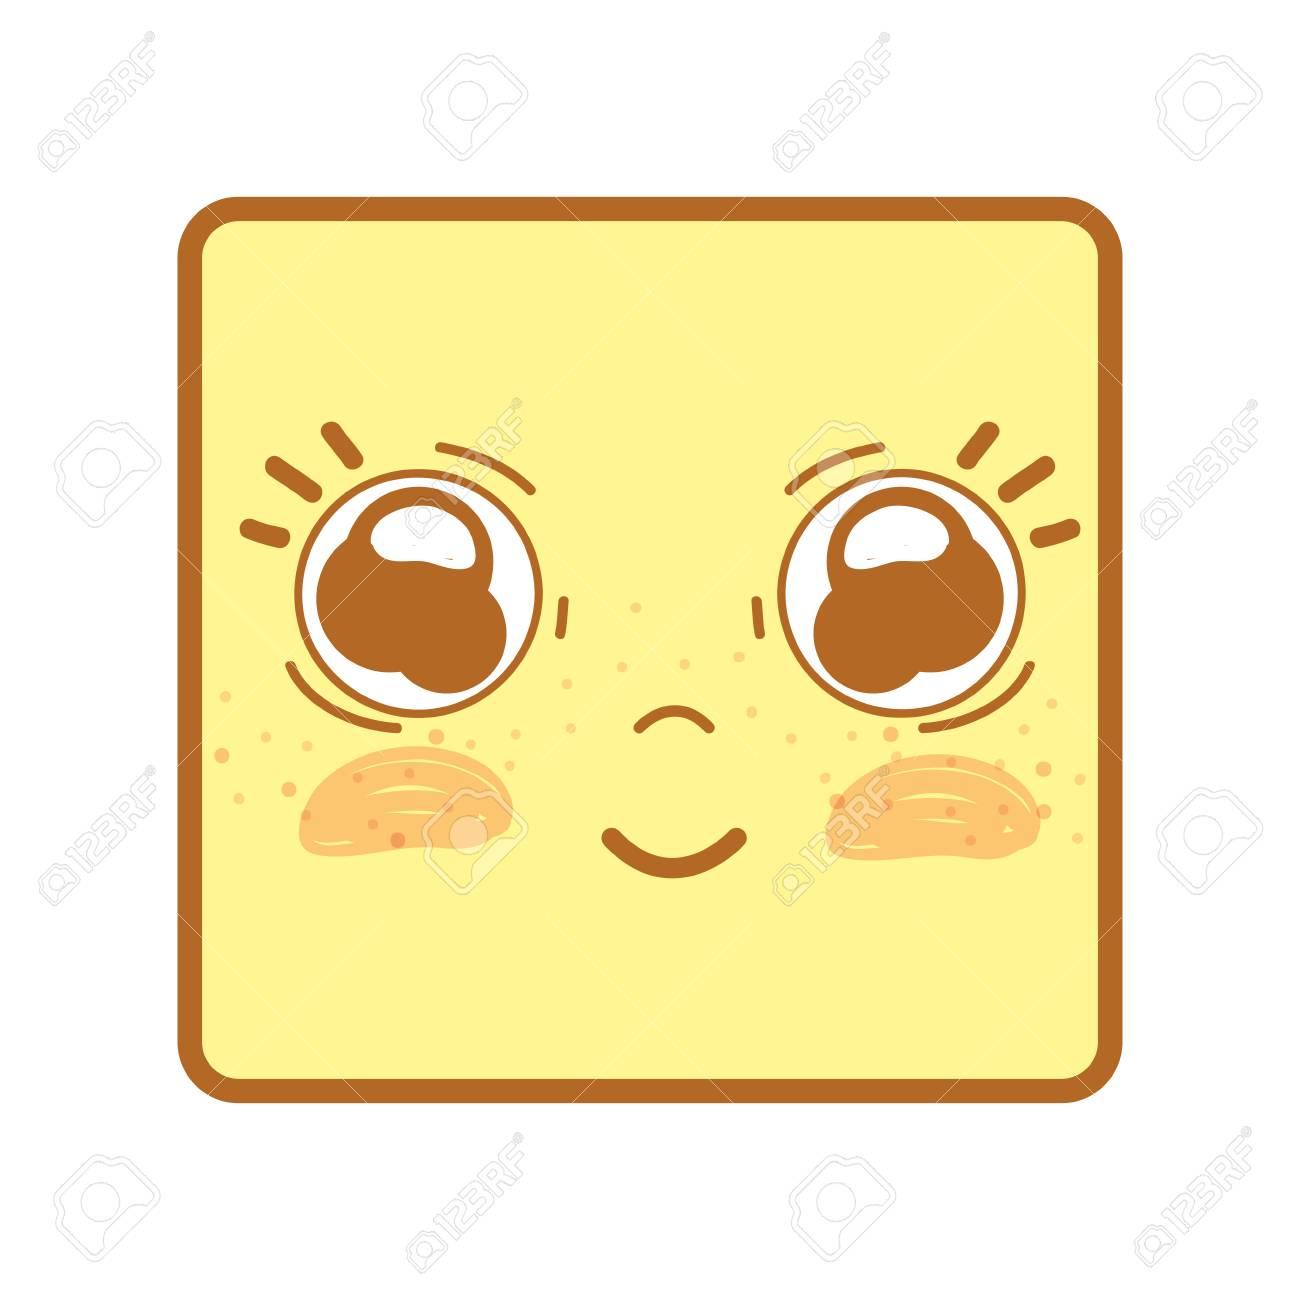 幸せそうな顔かわいいかわいい目と頬のイラストのイラスト素材ベクタ